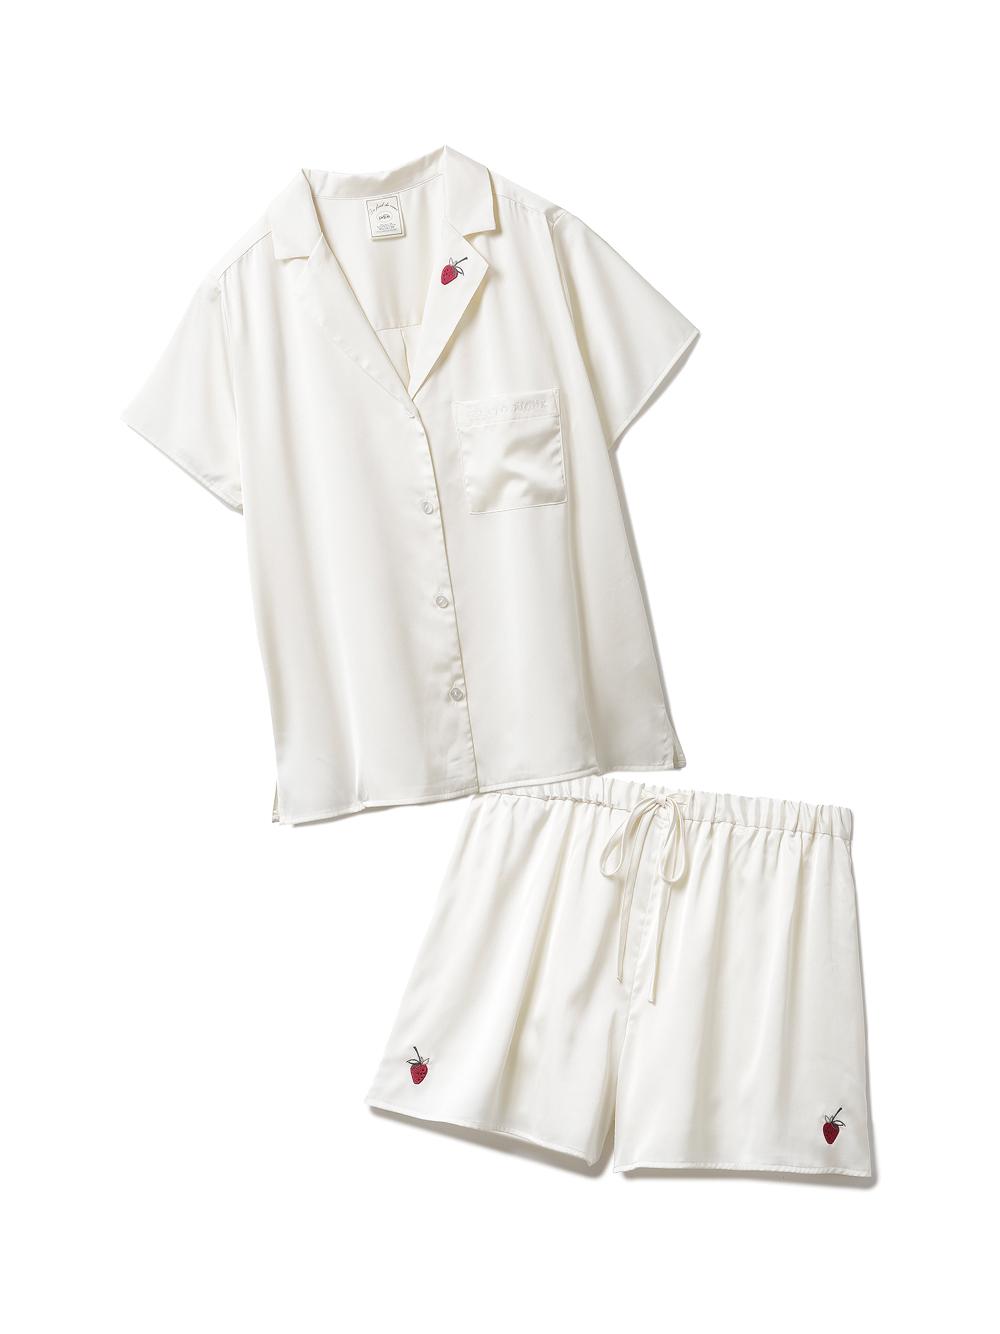 【ラッピング】ストロベリー刺繍サテンシャツ&ショートパンツSET(OWHT-F)